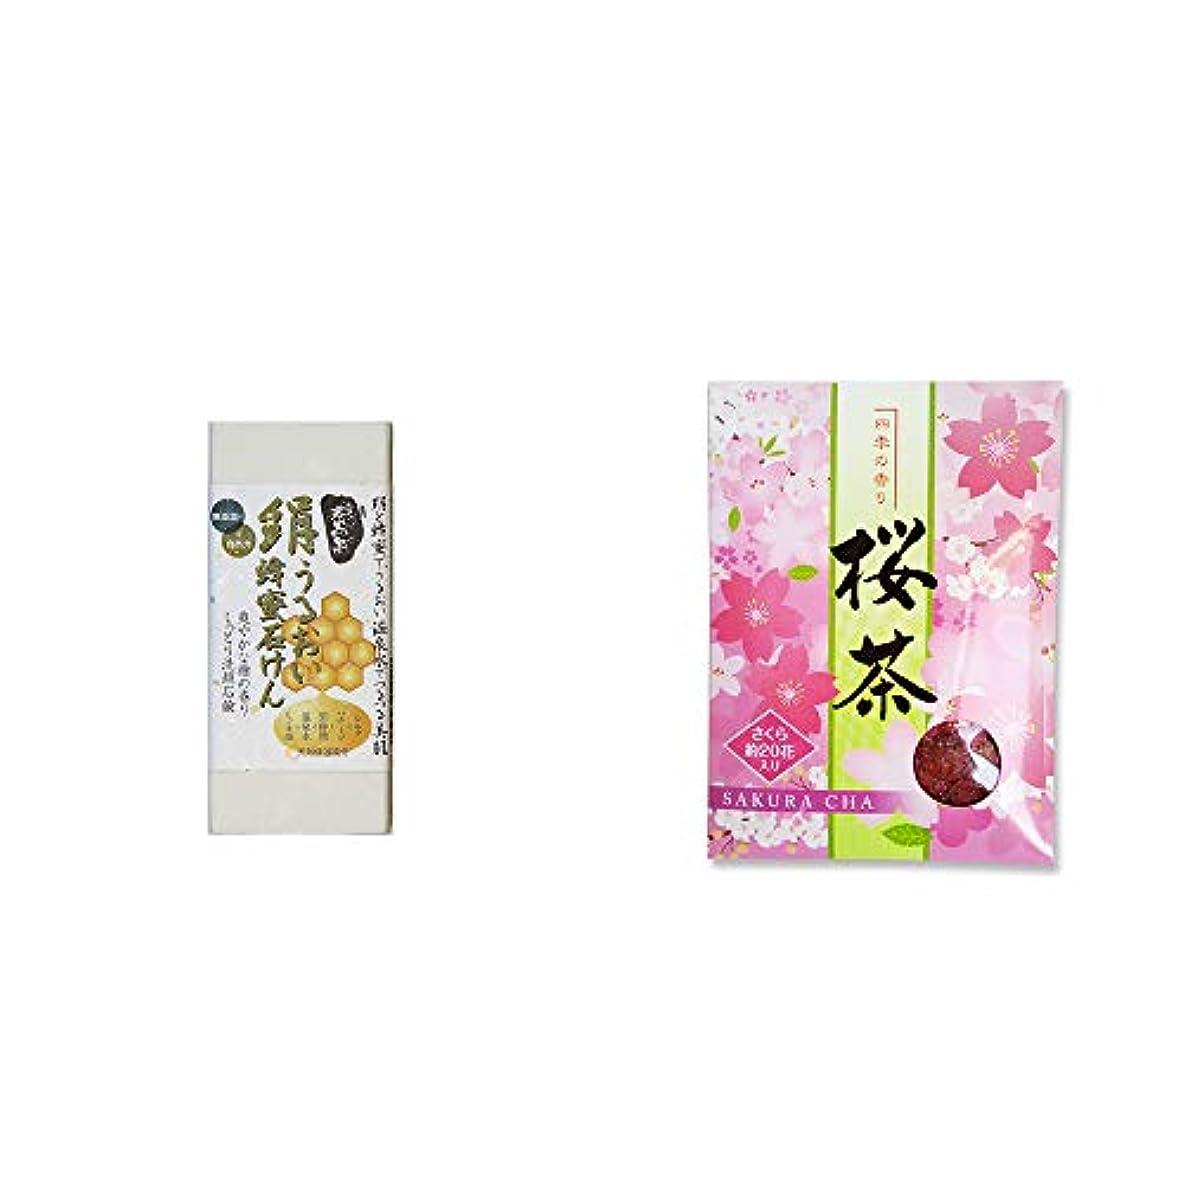 不十分構想する才能のある[2点セット] ひのき炭黒泉 絹うるおい蜂蜜石けん(75g×2)?桜茶(40g)